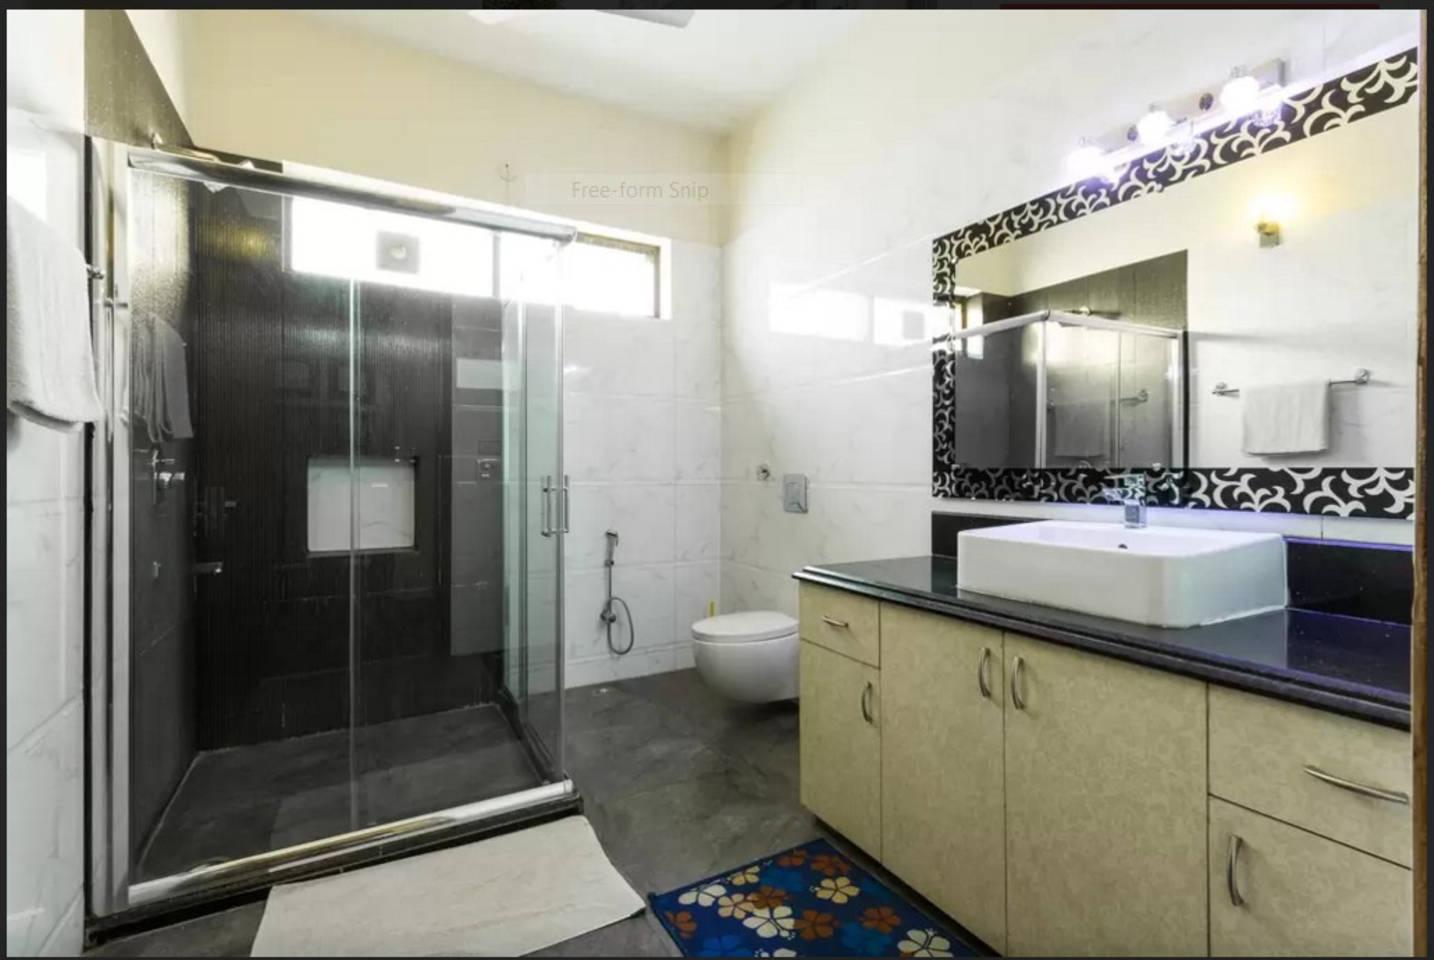 Apartment Studio Apartment with kitchen near Galleria photo 18569882